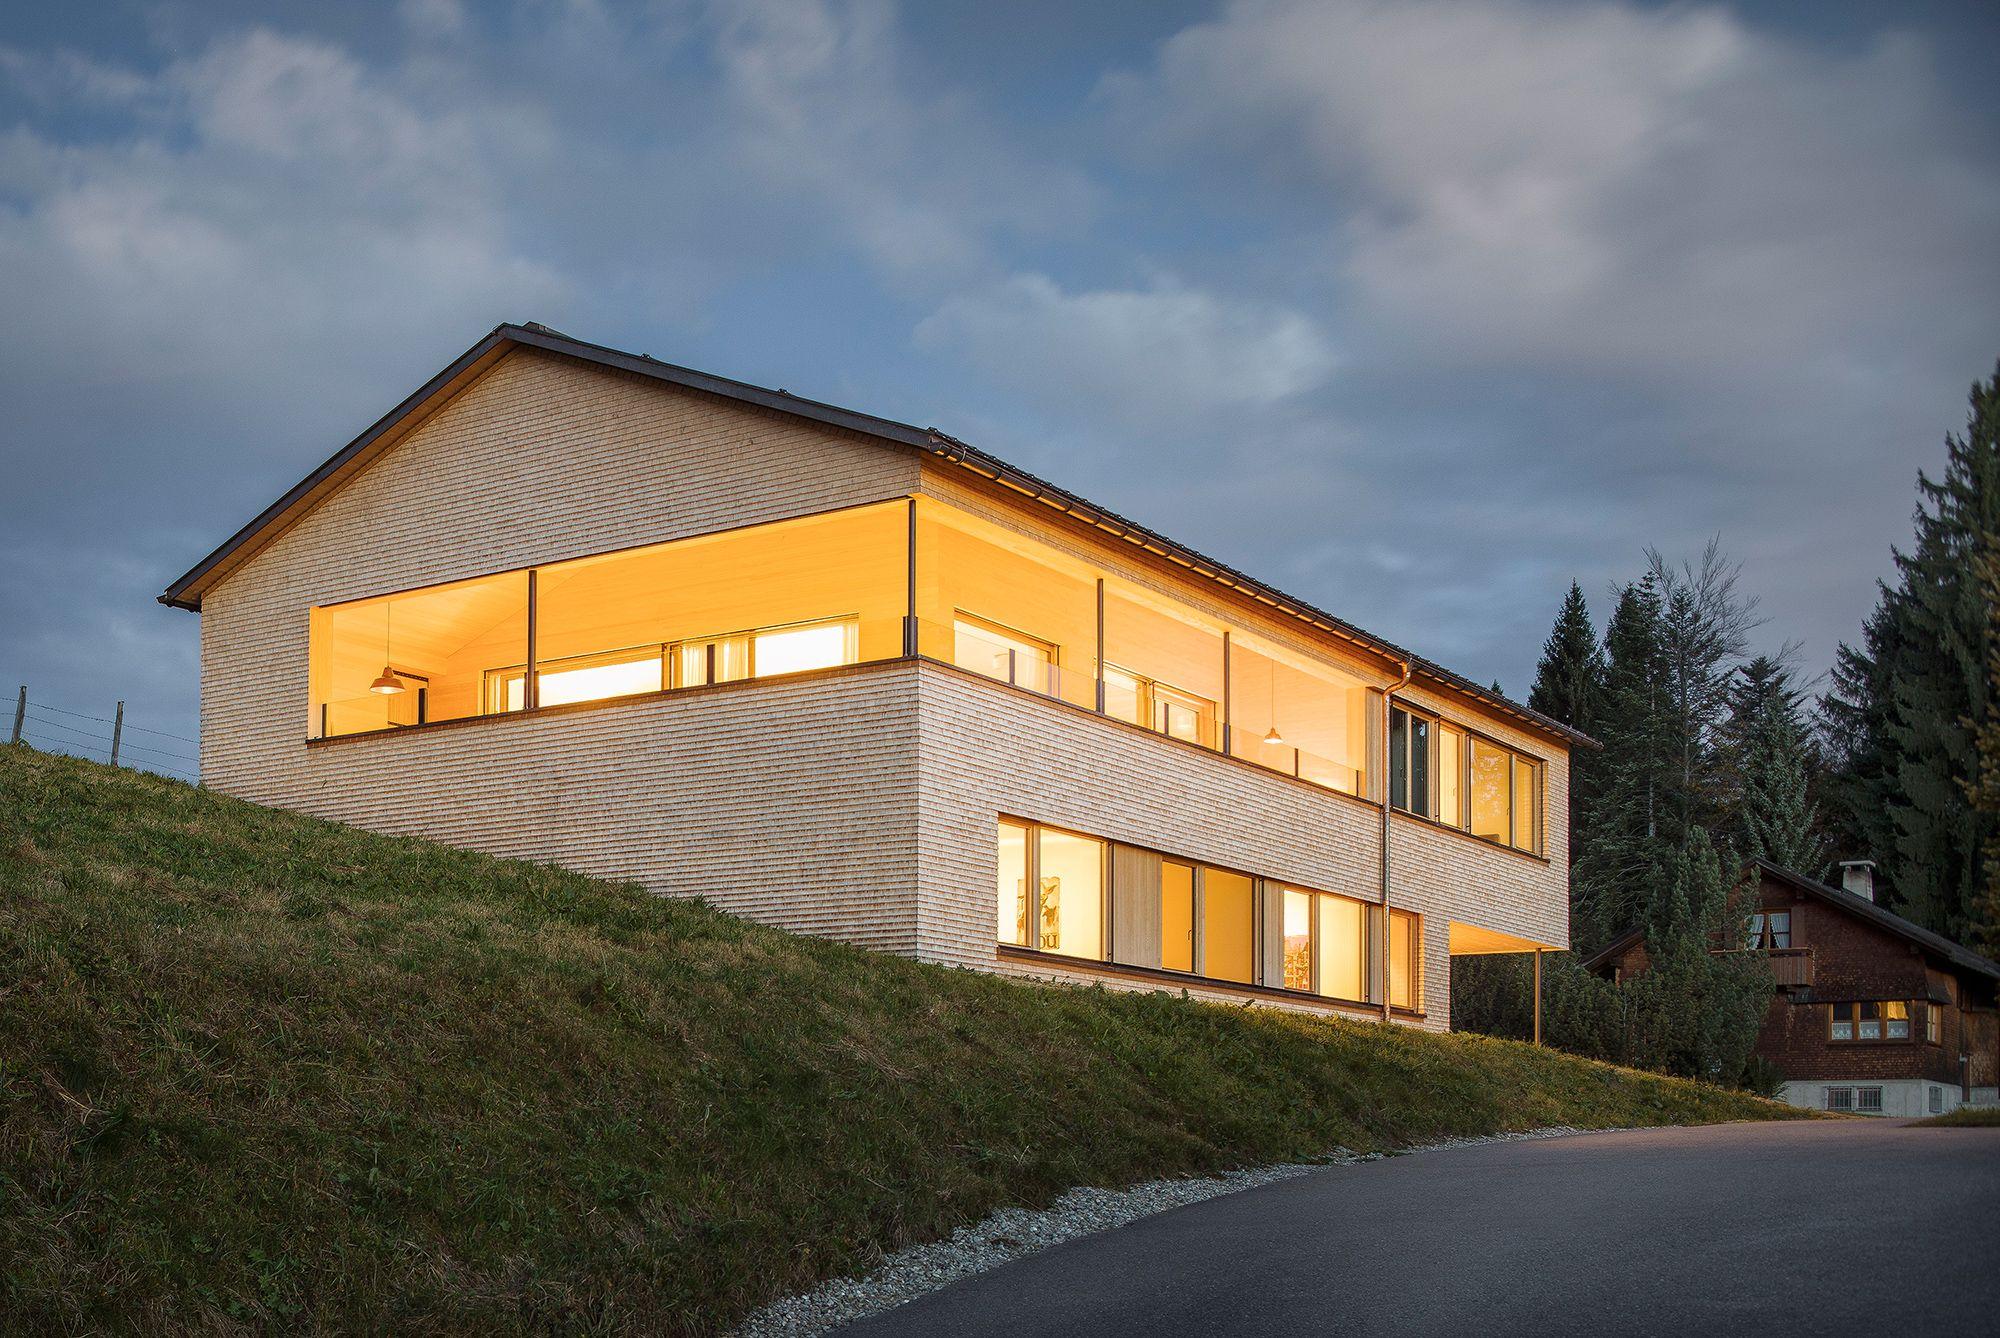 Jurgen Haller Projekte Architektur Haus Haus Architektur Architektur